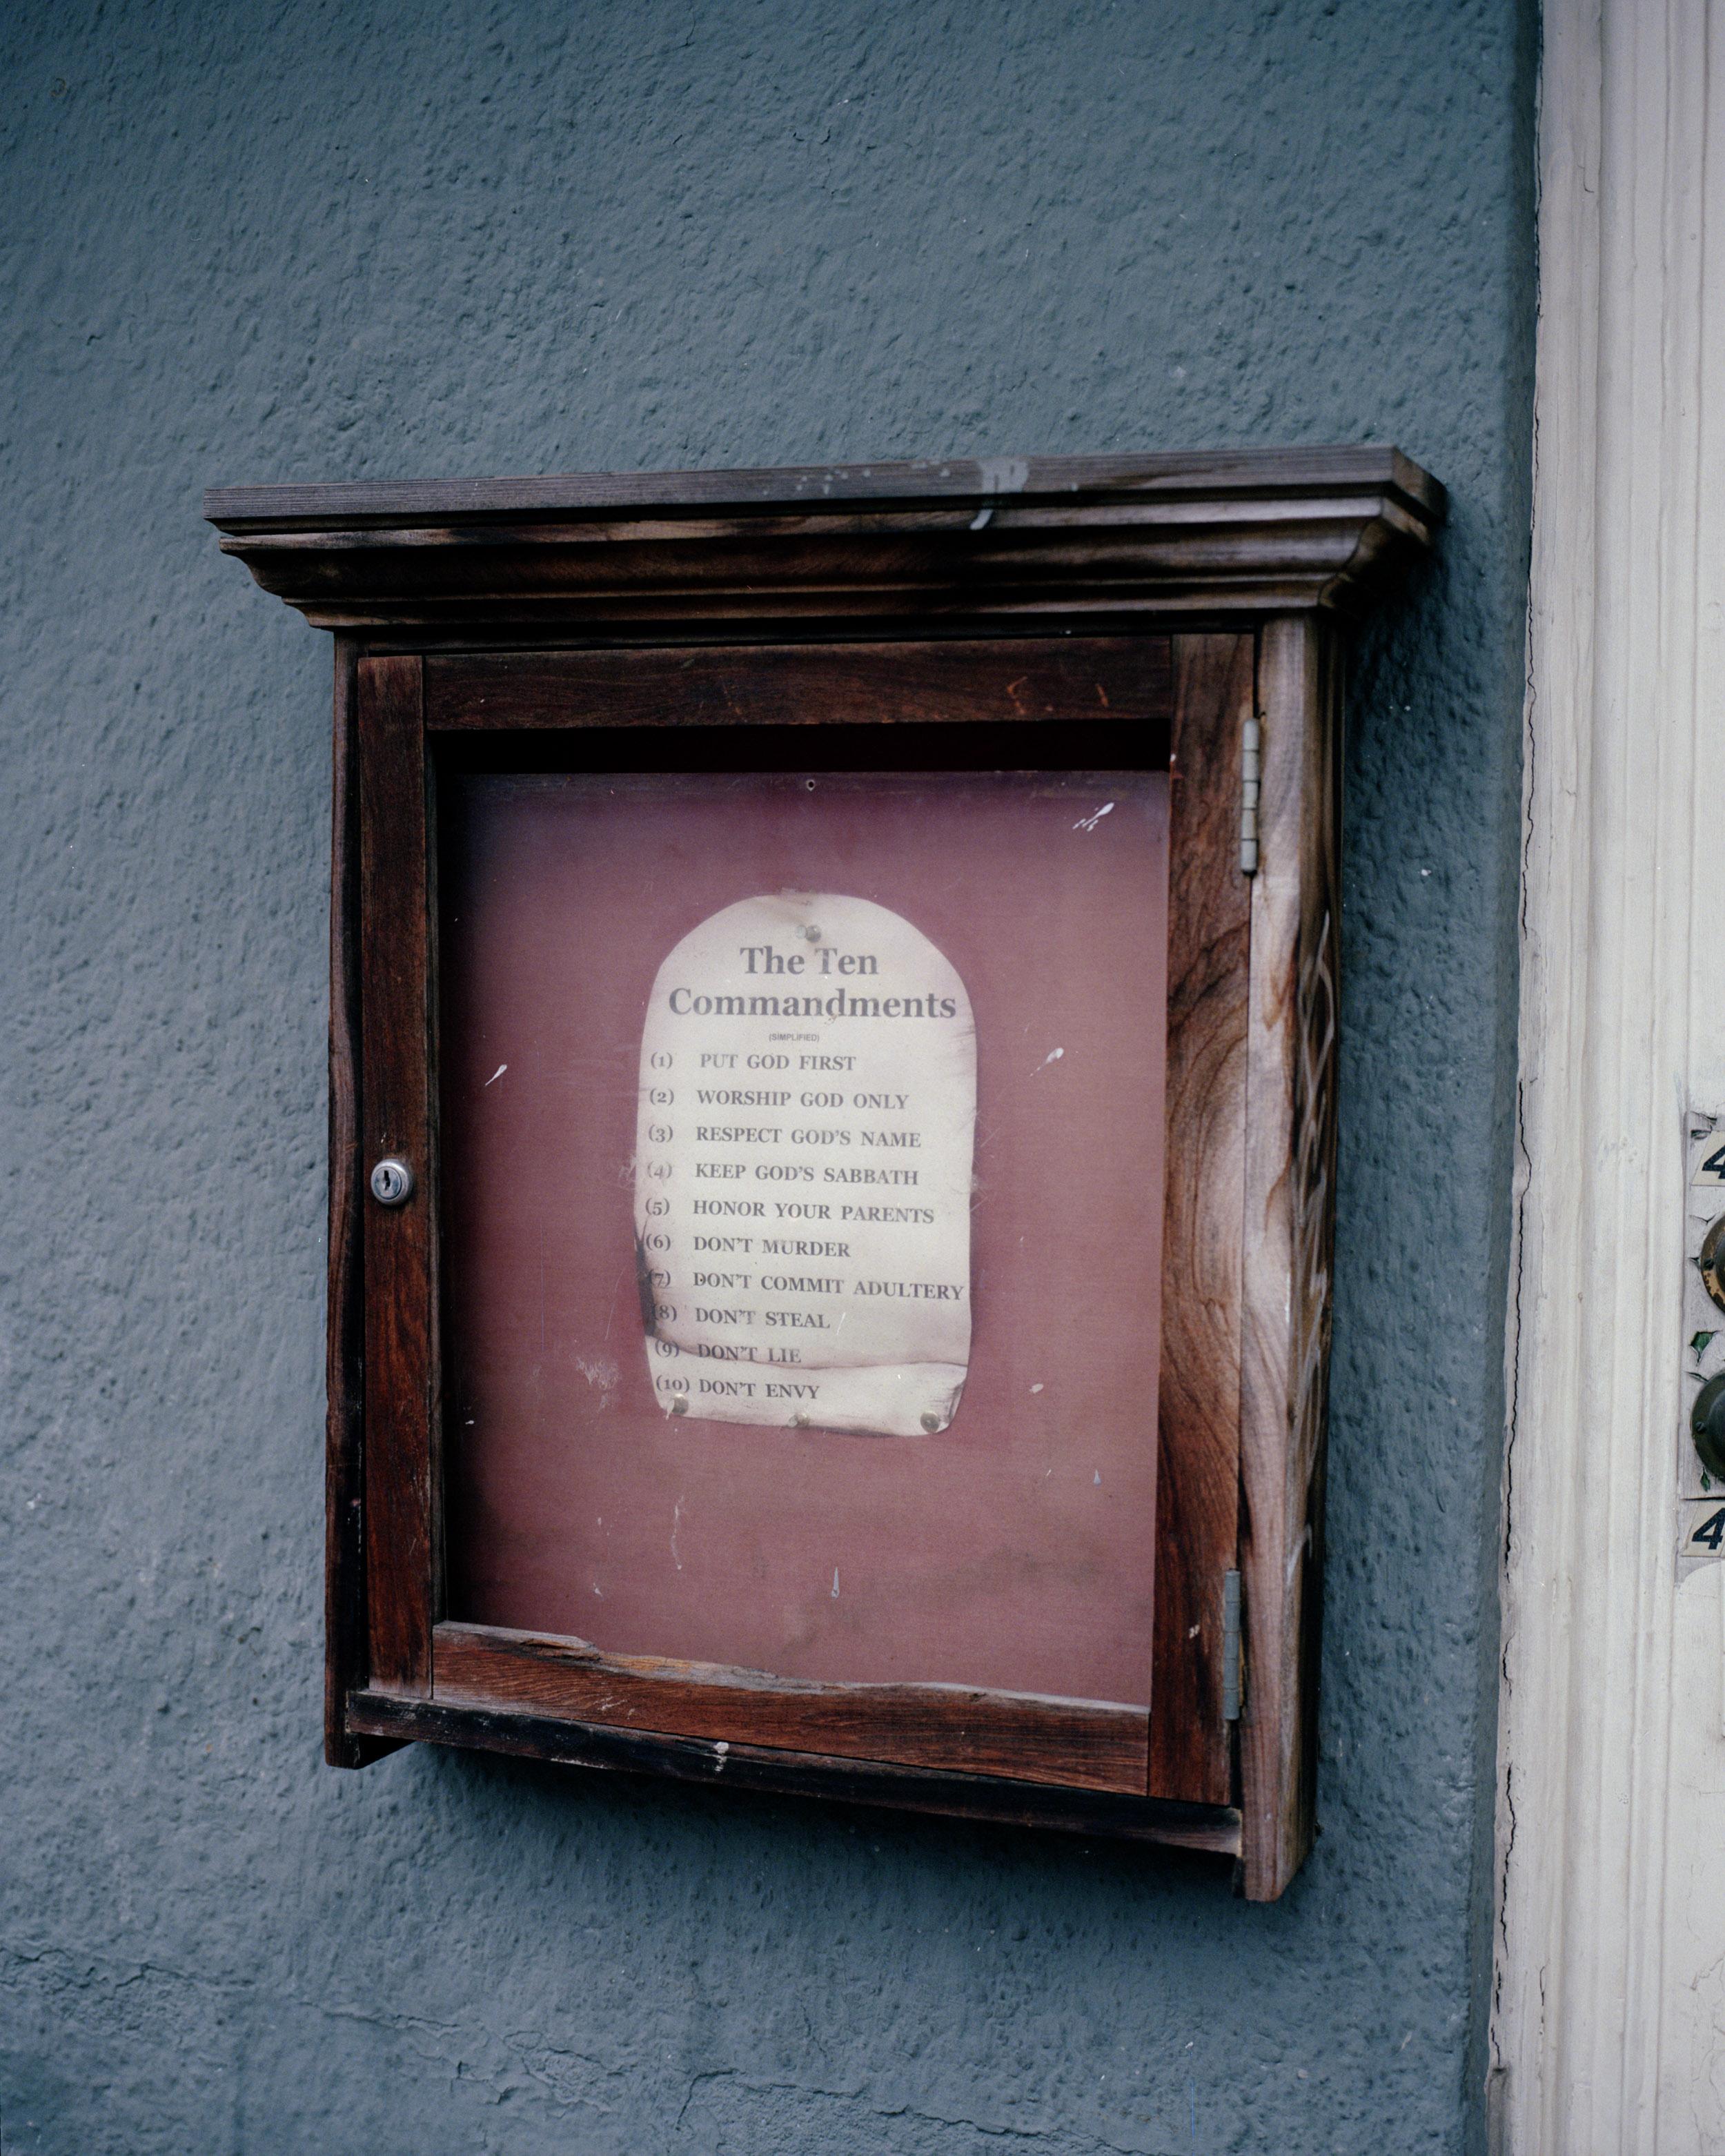 10 Commandments003 copy.jpg